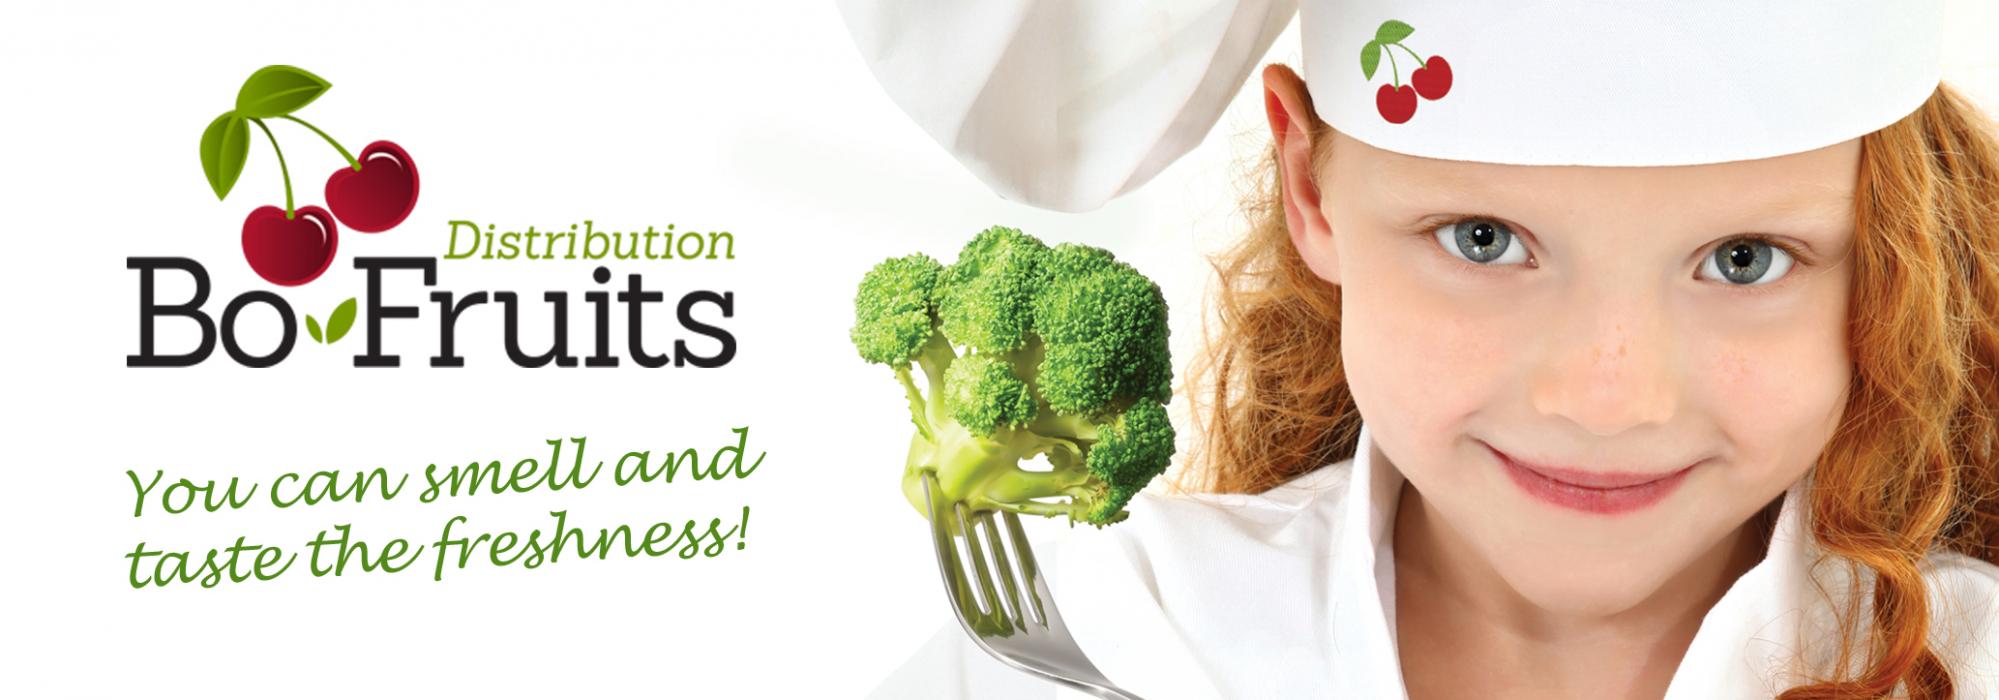 Bo-Fruits we provide for fresh vegetables